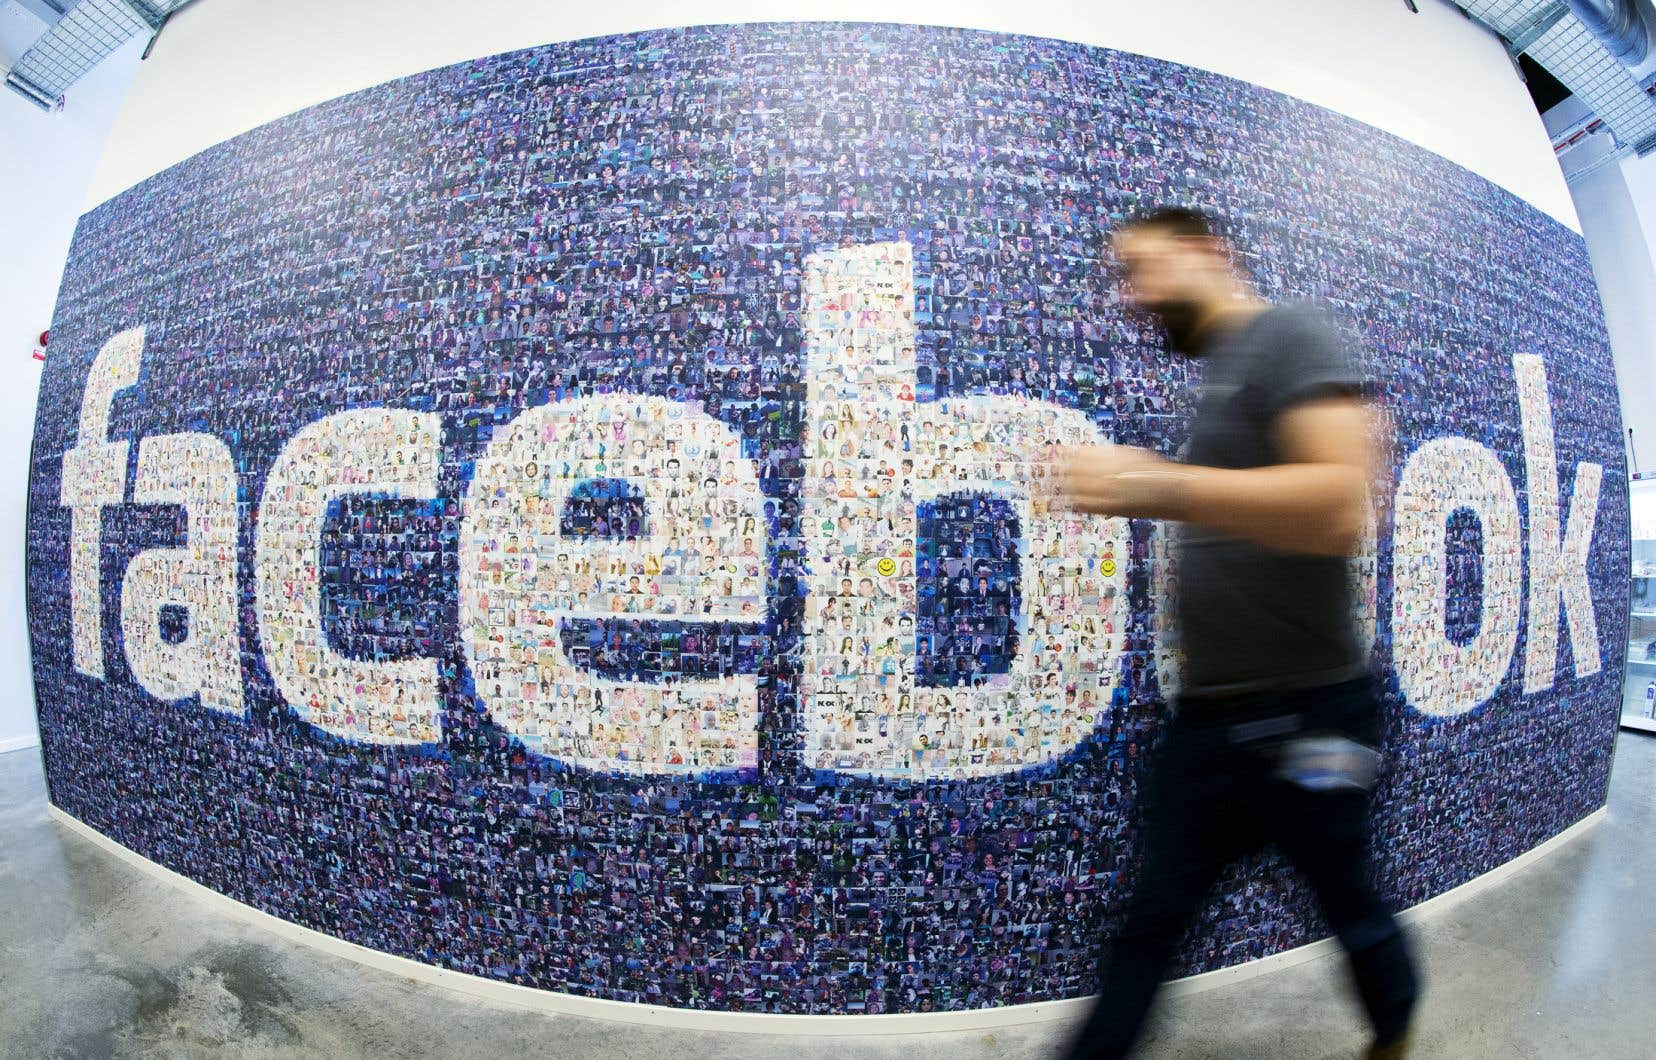 Plusieurs organisations de défense des droits civiques font pression pour que Facebook lutte plus activement contre les contenus problématiques et la désinformation.